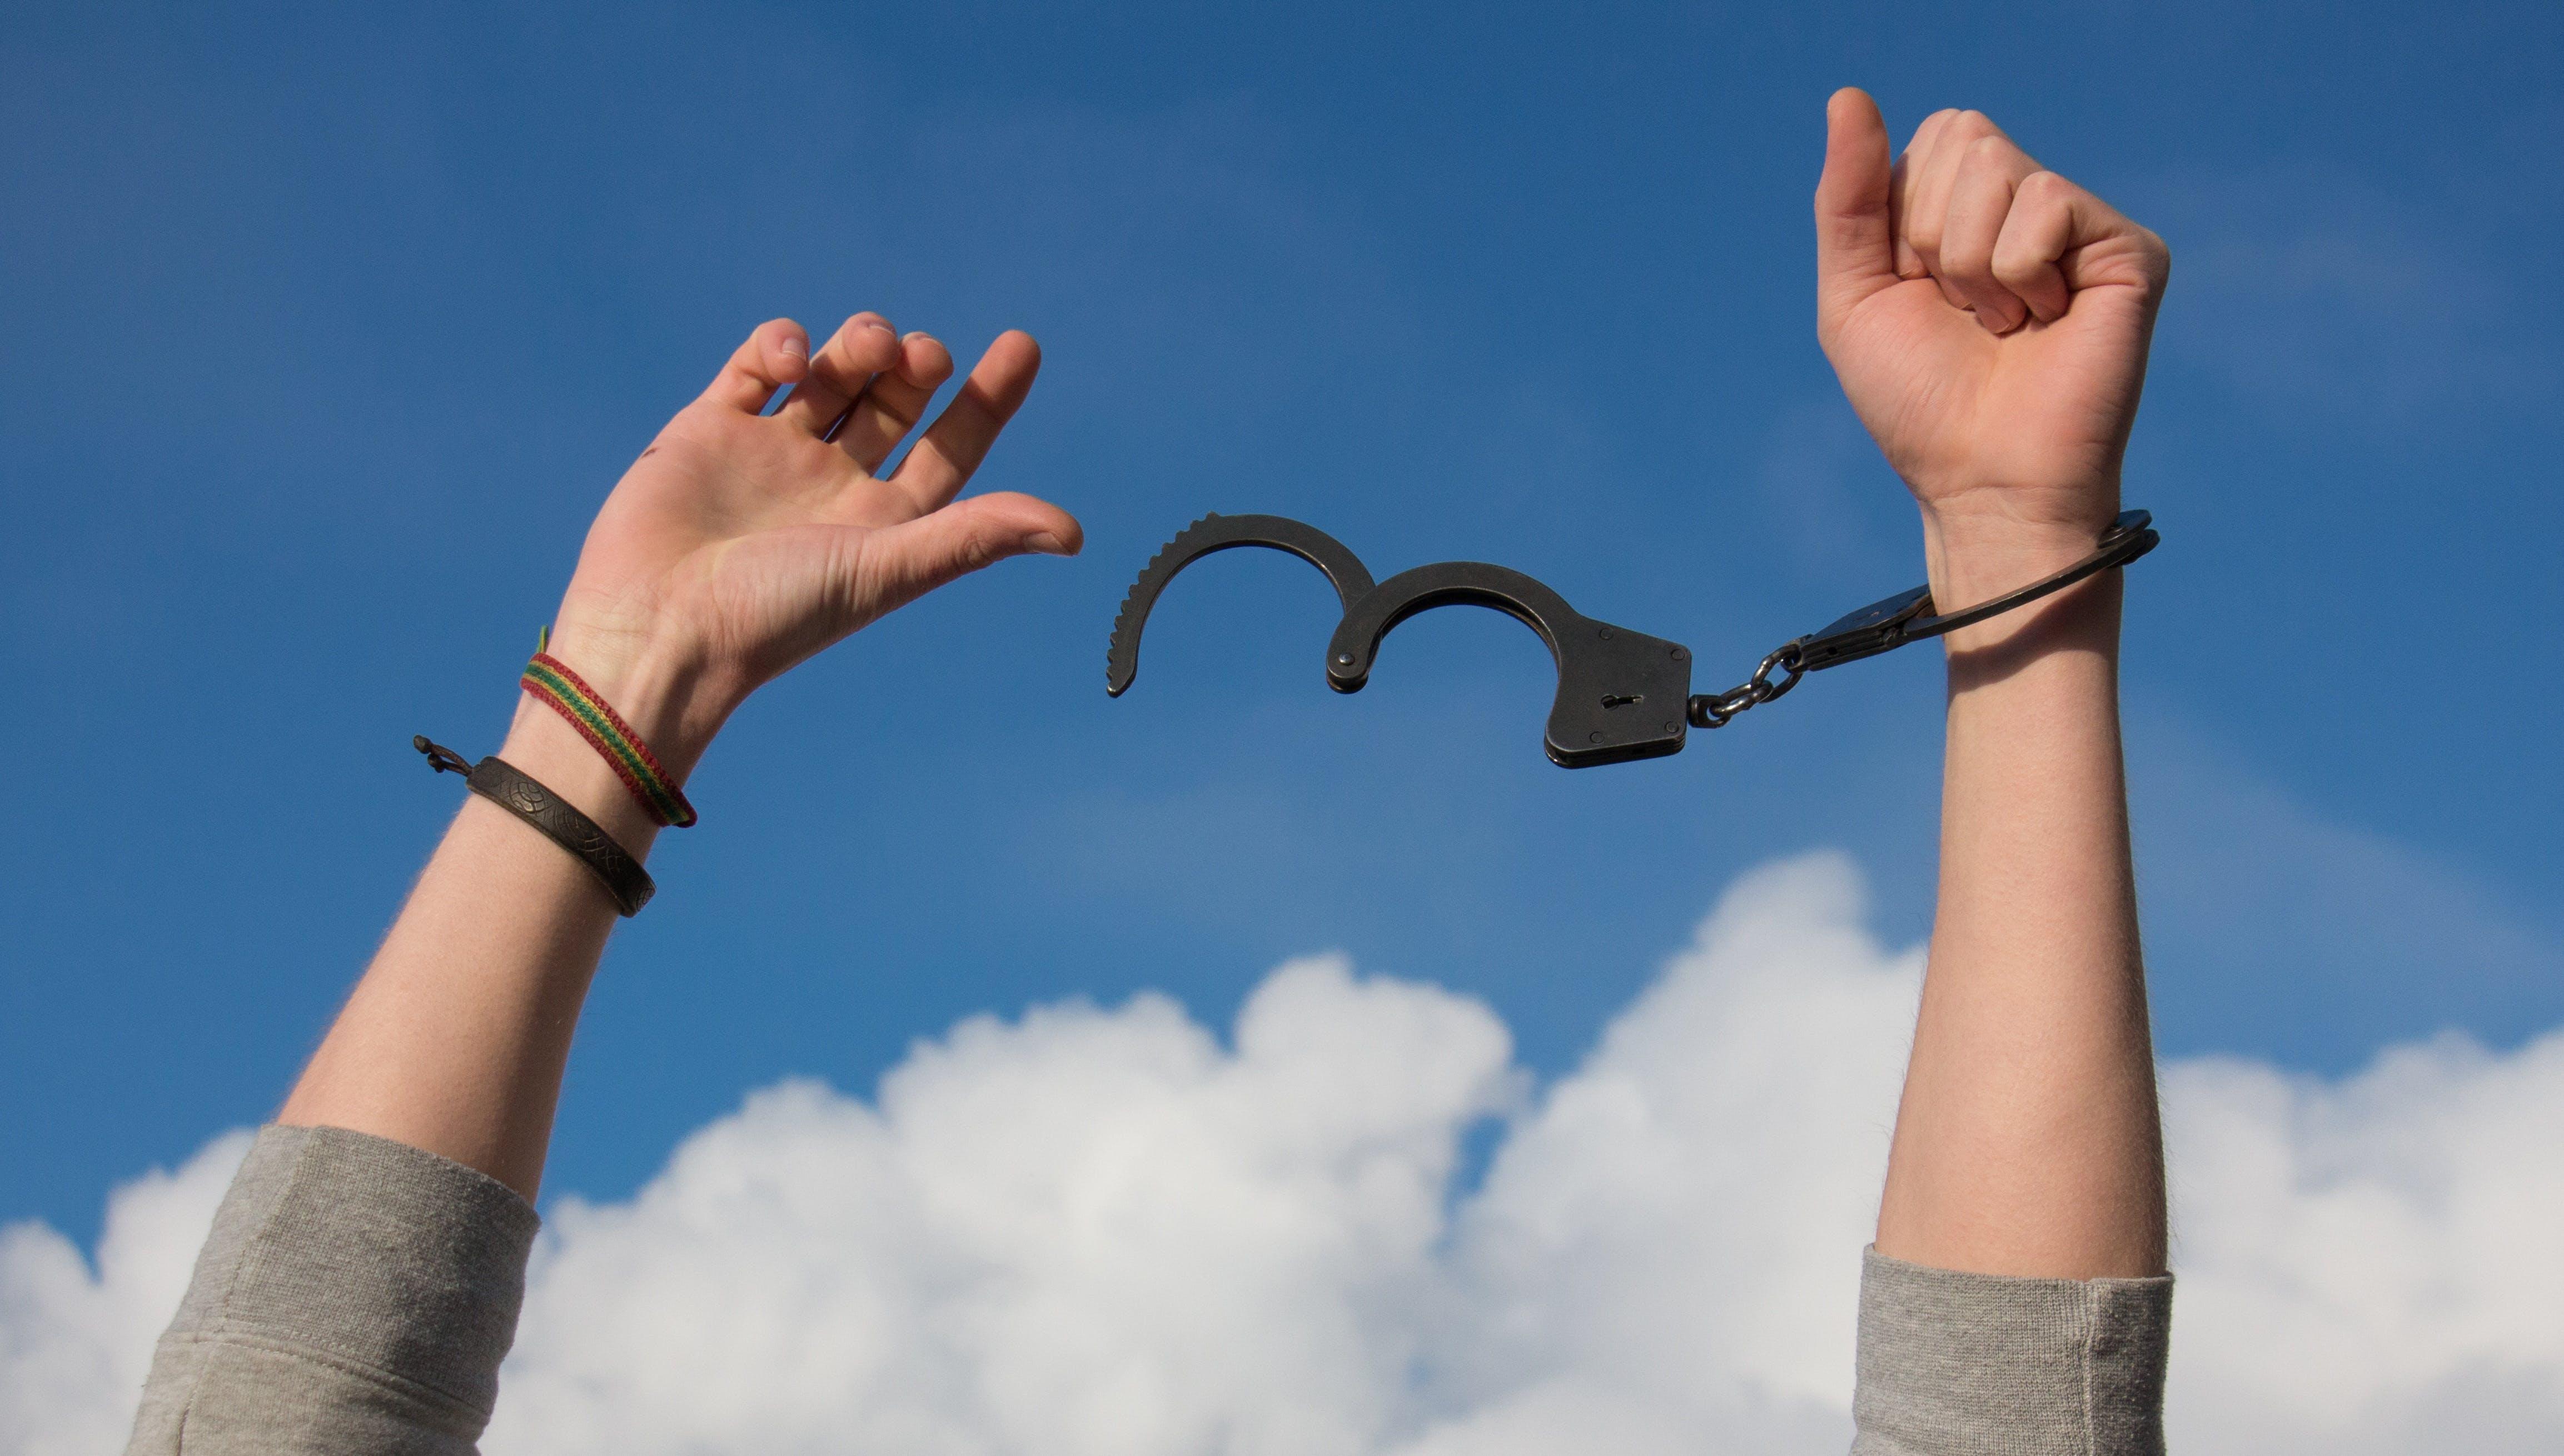 Kostenloses Stock Foto zu himmel, hände, freiheit, handschellen